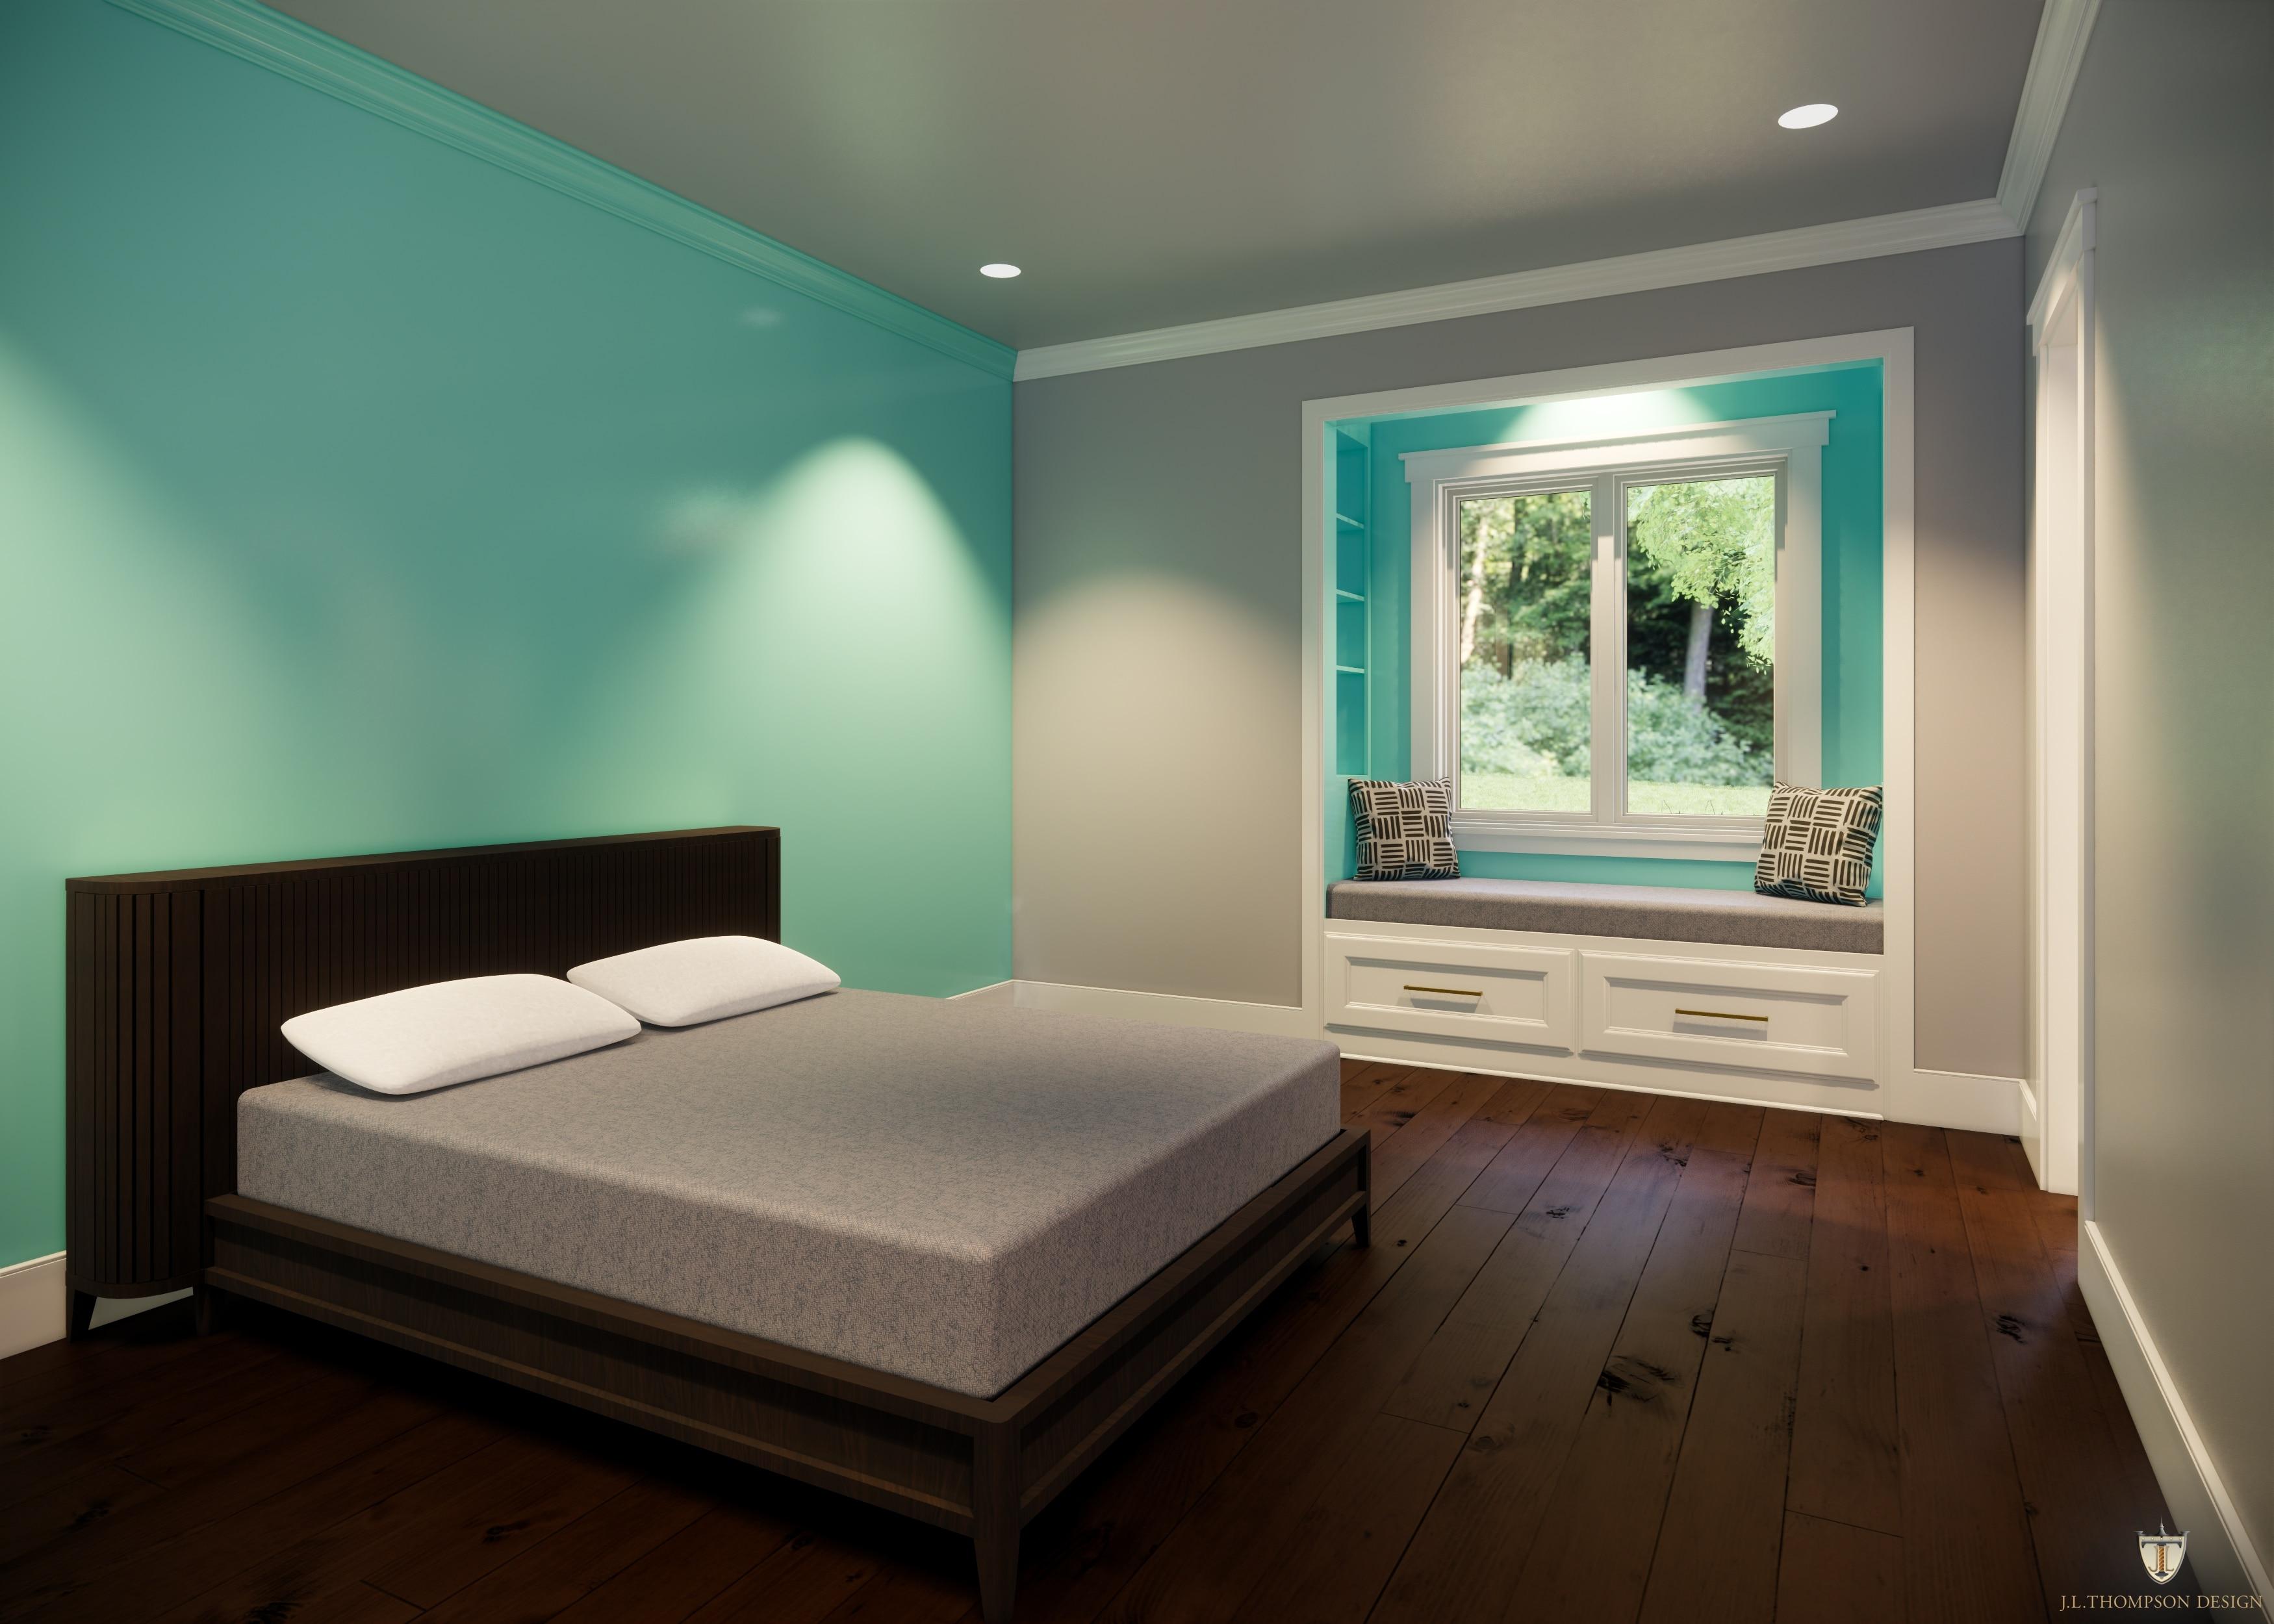 1_Daughters-Bedroom-View-1